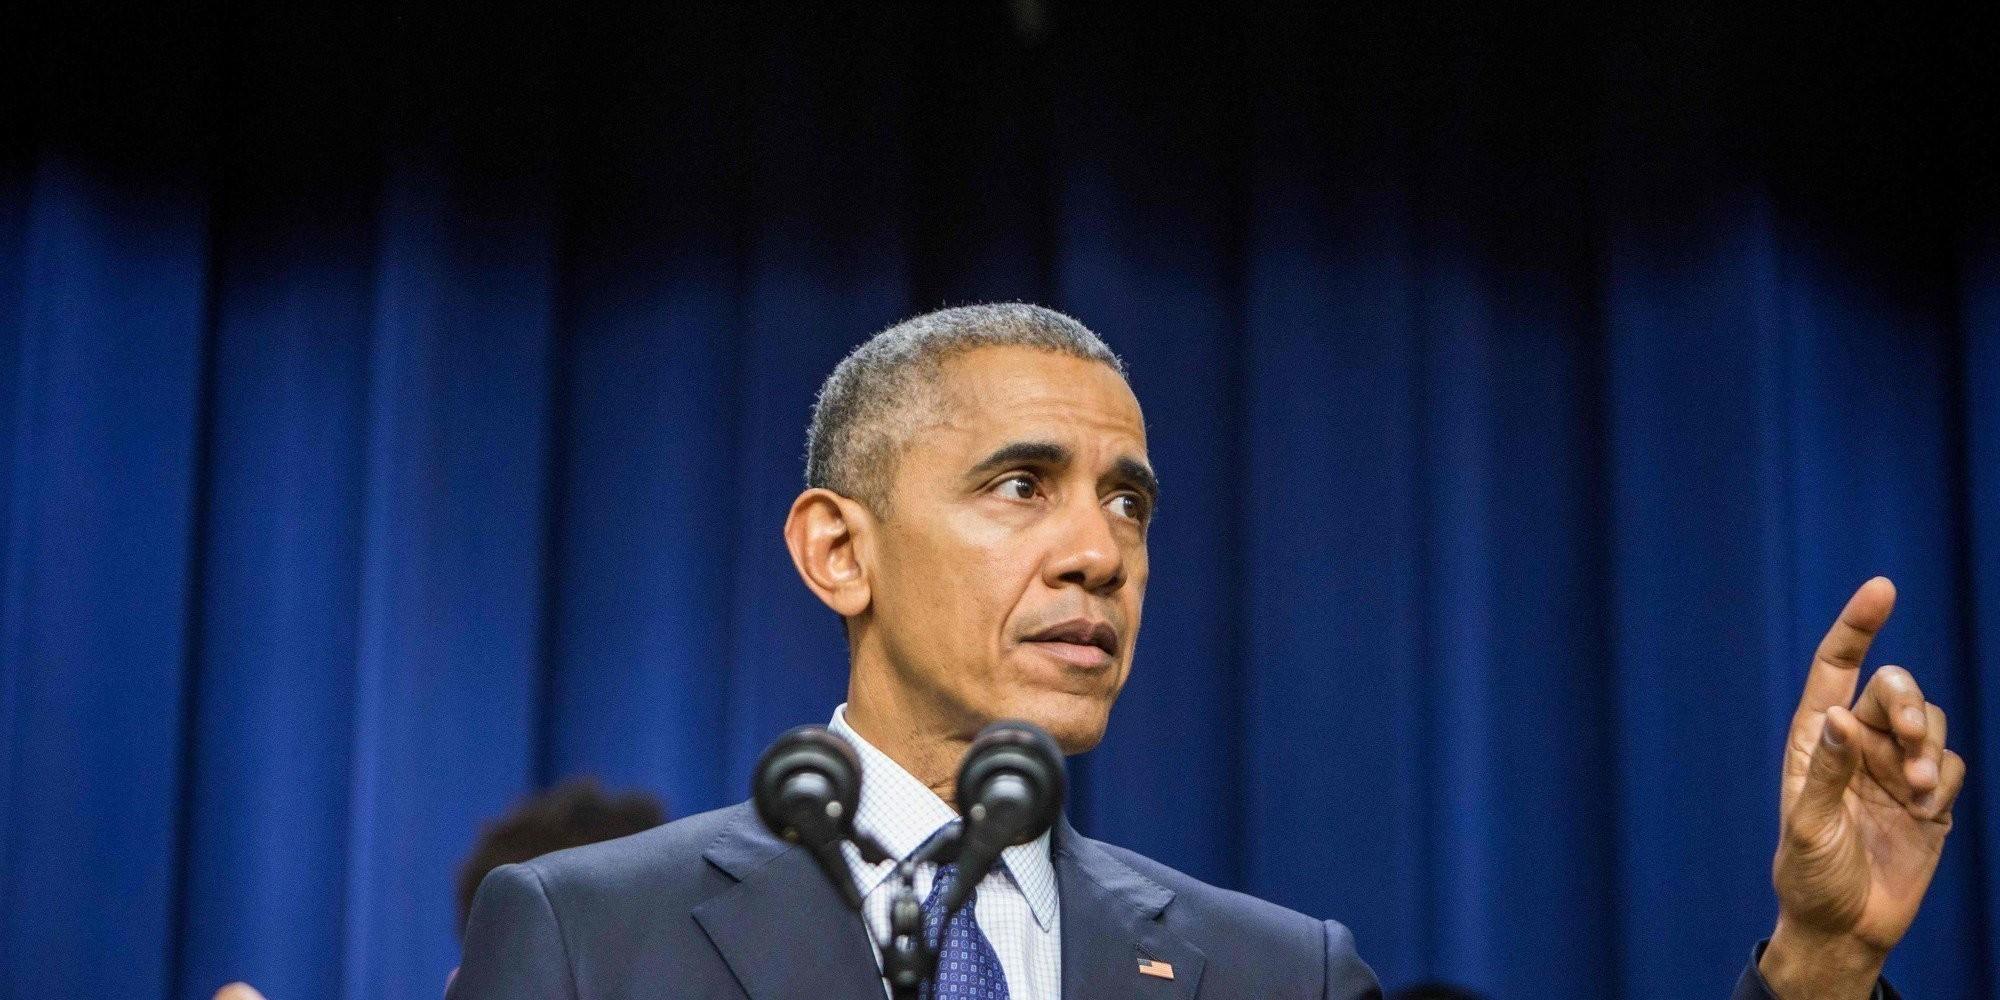 Obama advierte de que EEUU tomará medidas contra Rusia por injerencia electoral